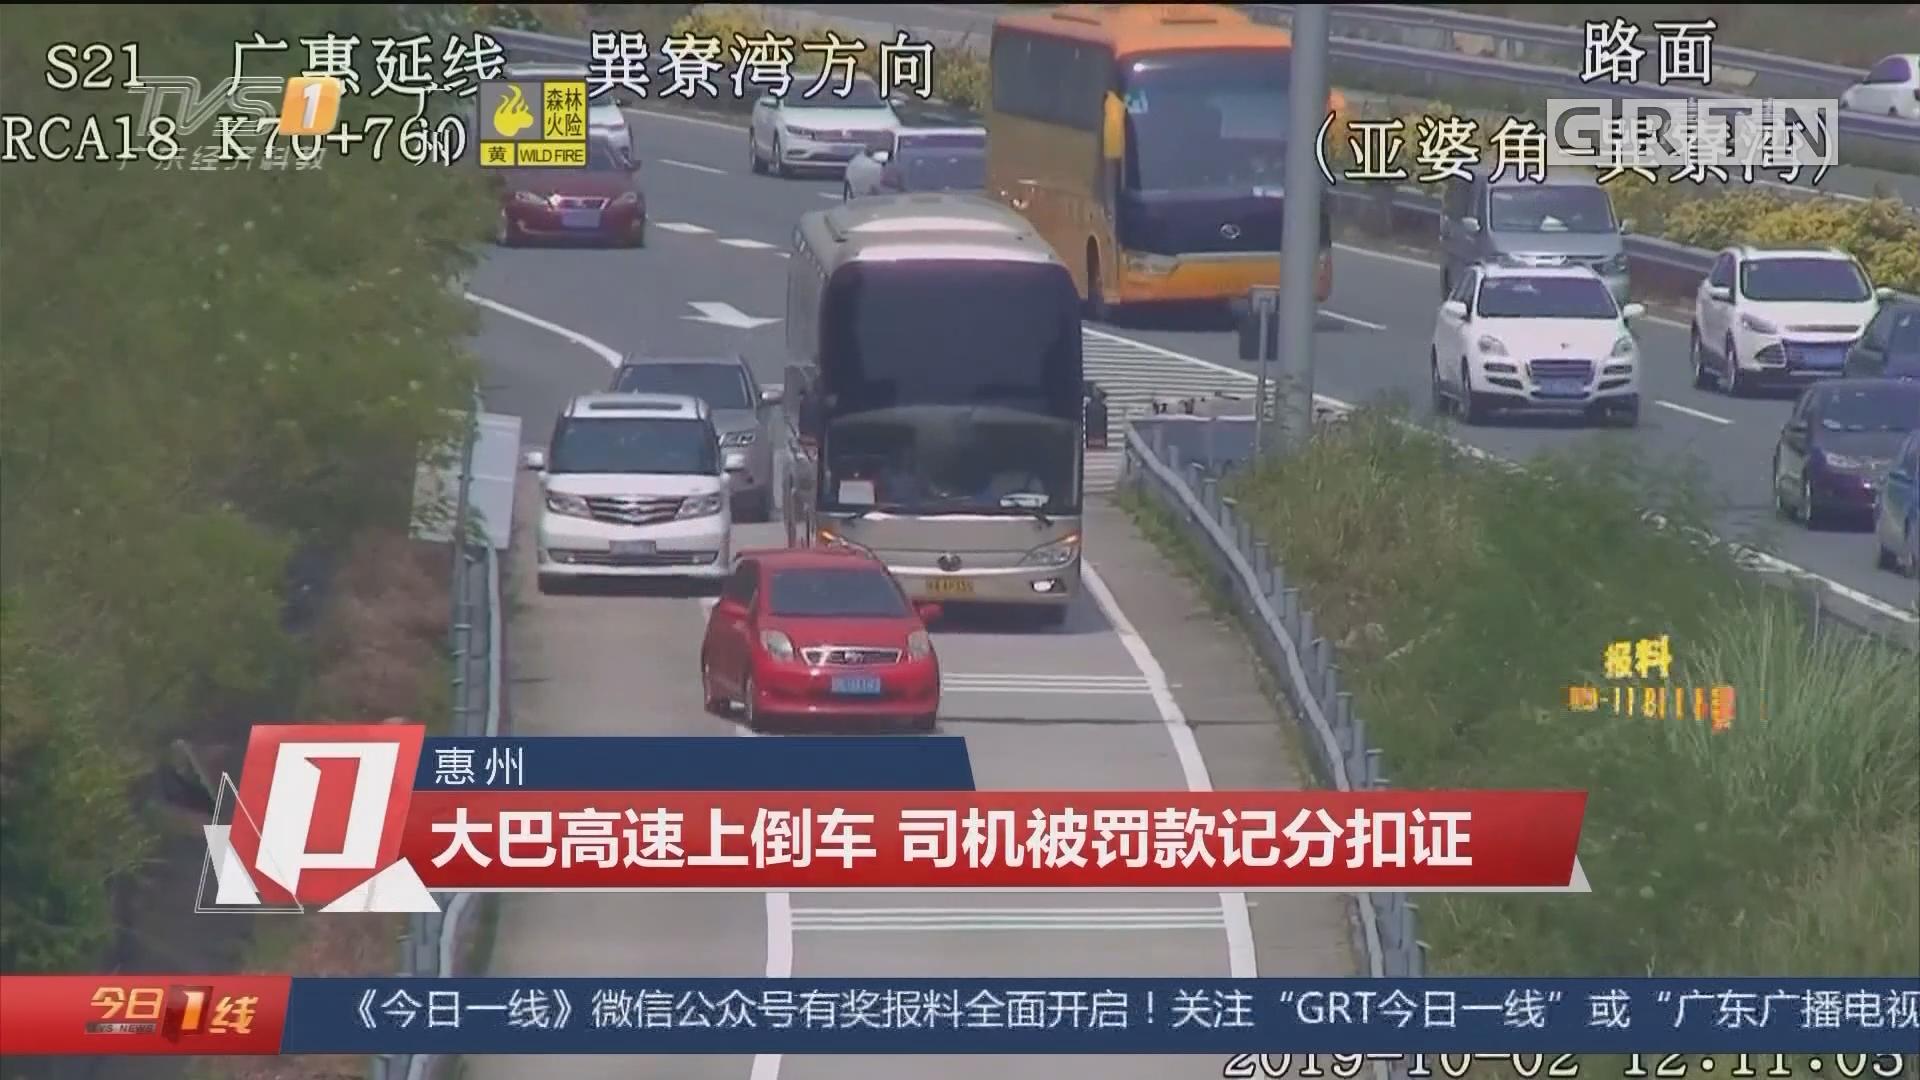 惠州:大巴高速上倒车 司机被罚款记分扣证